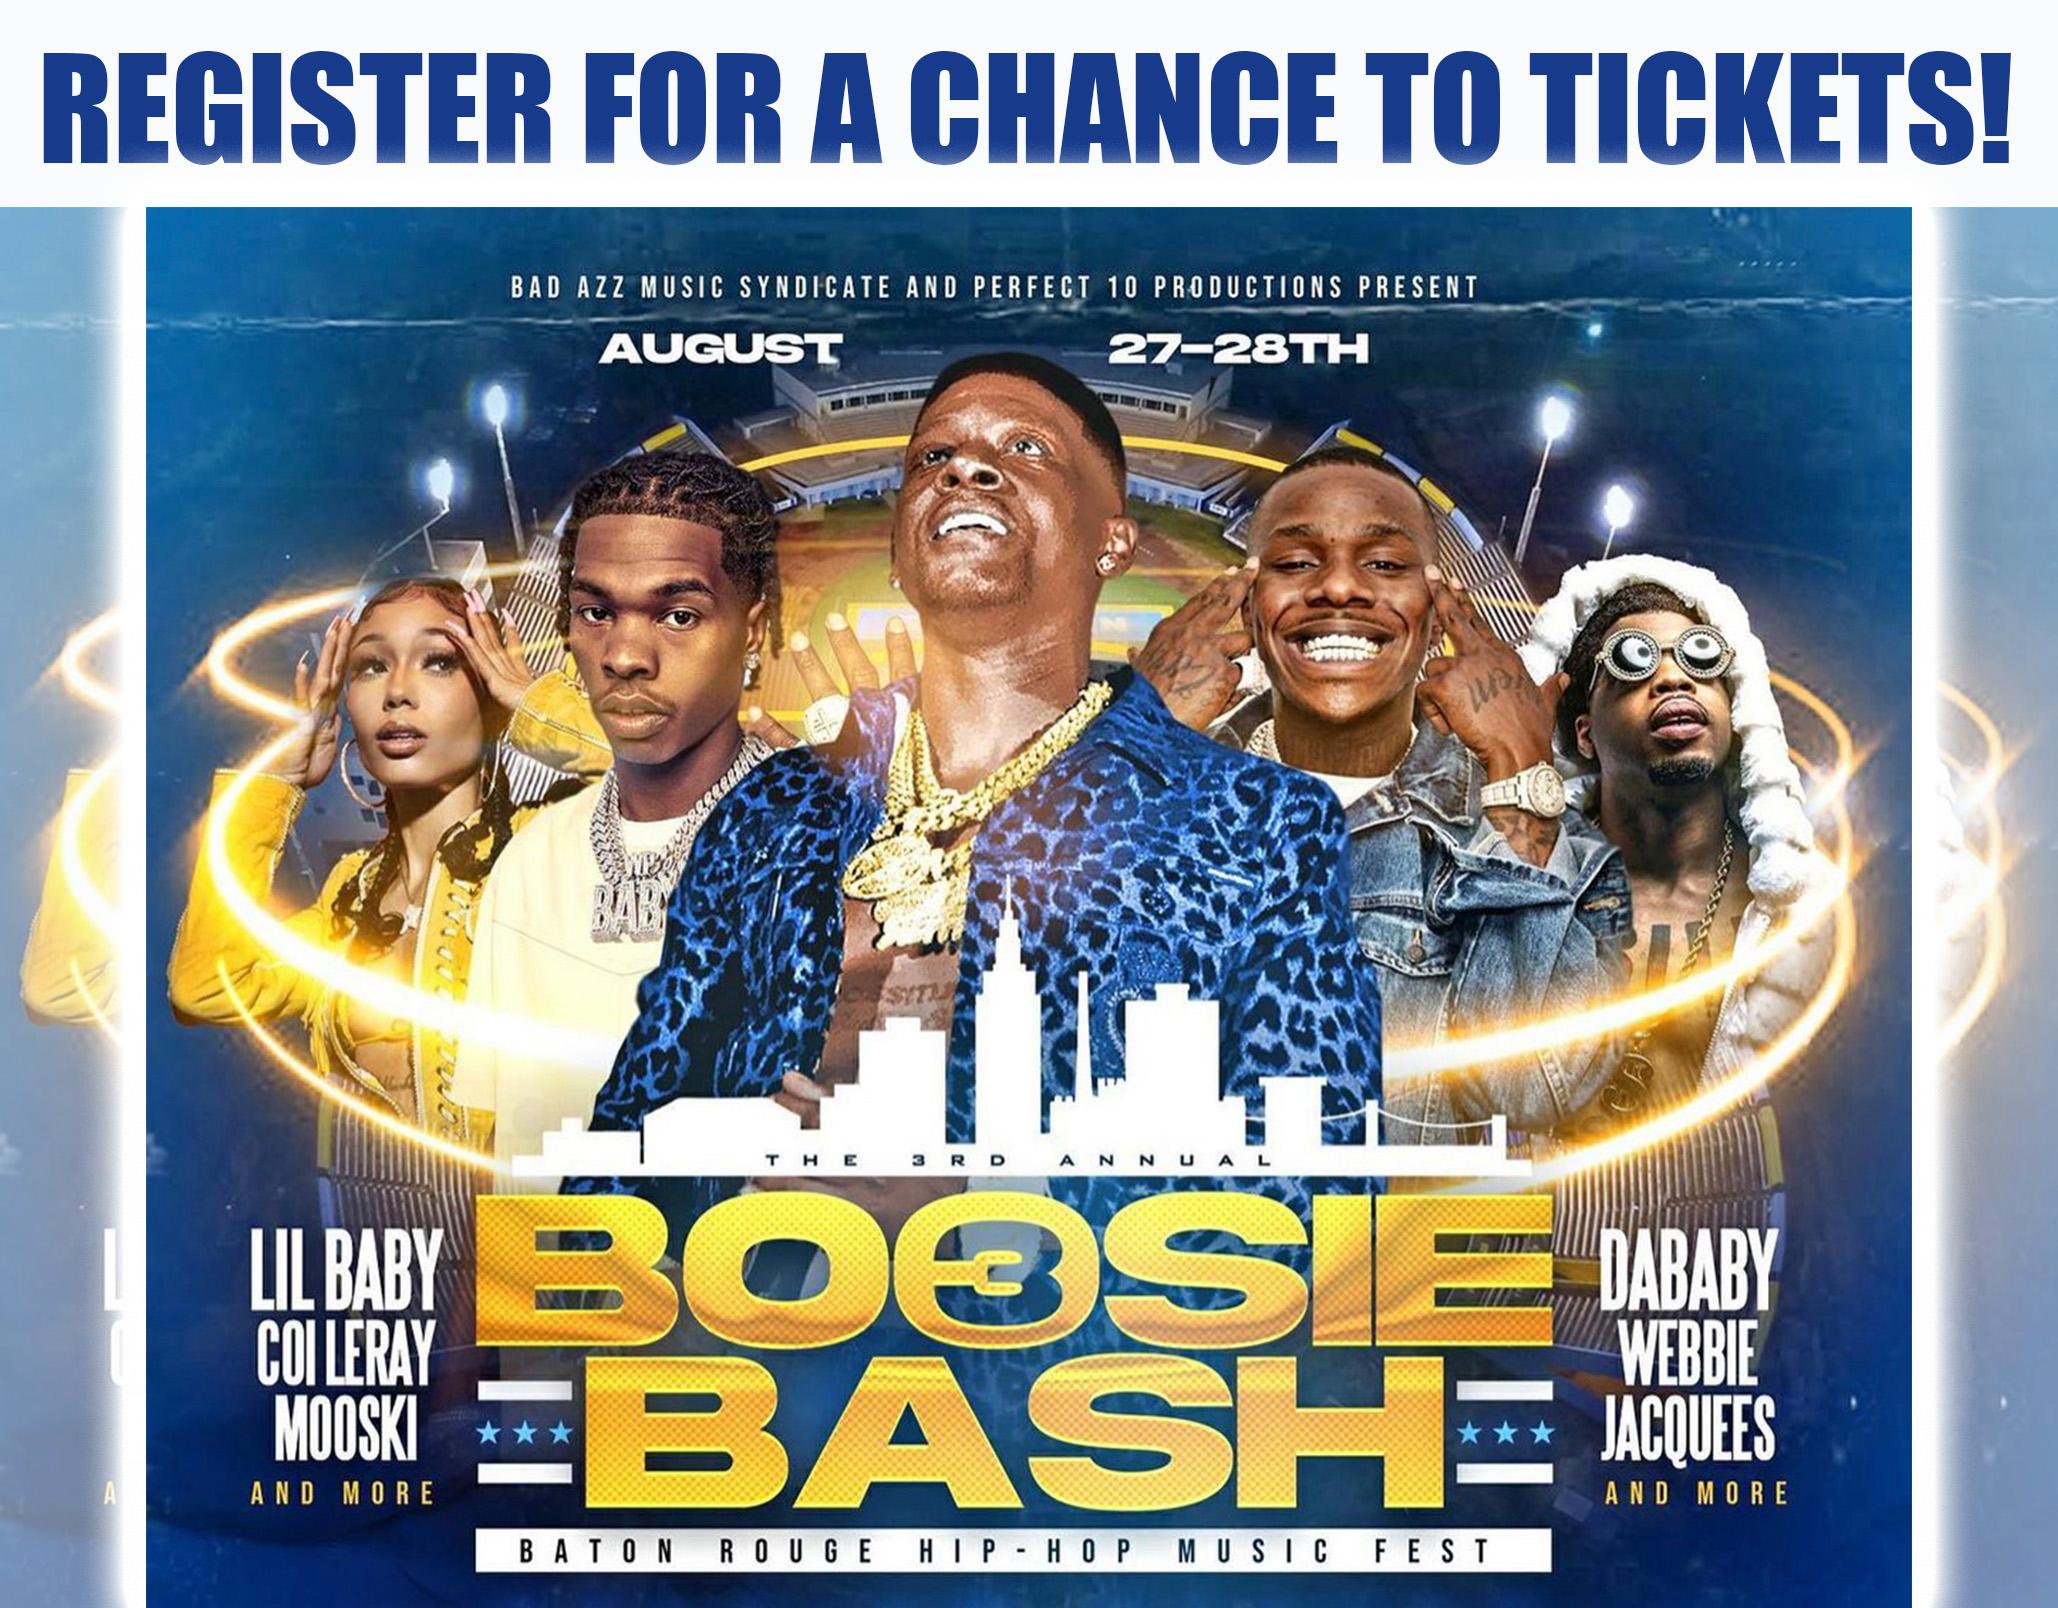 Boosie Bash 3: Baton Rouge Hip Hop Music Festival!